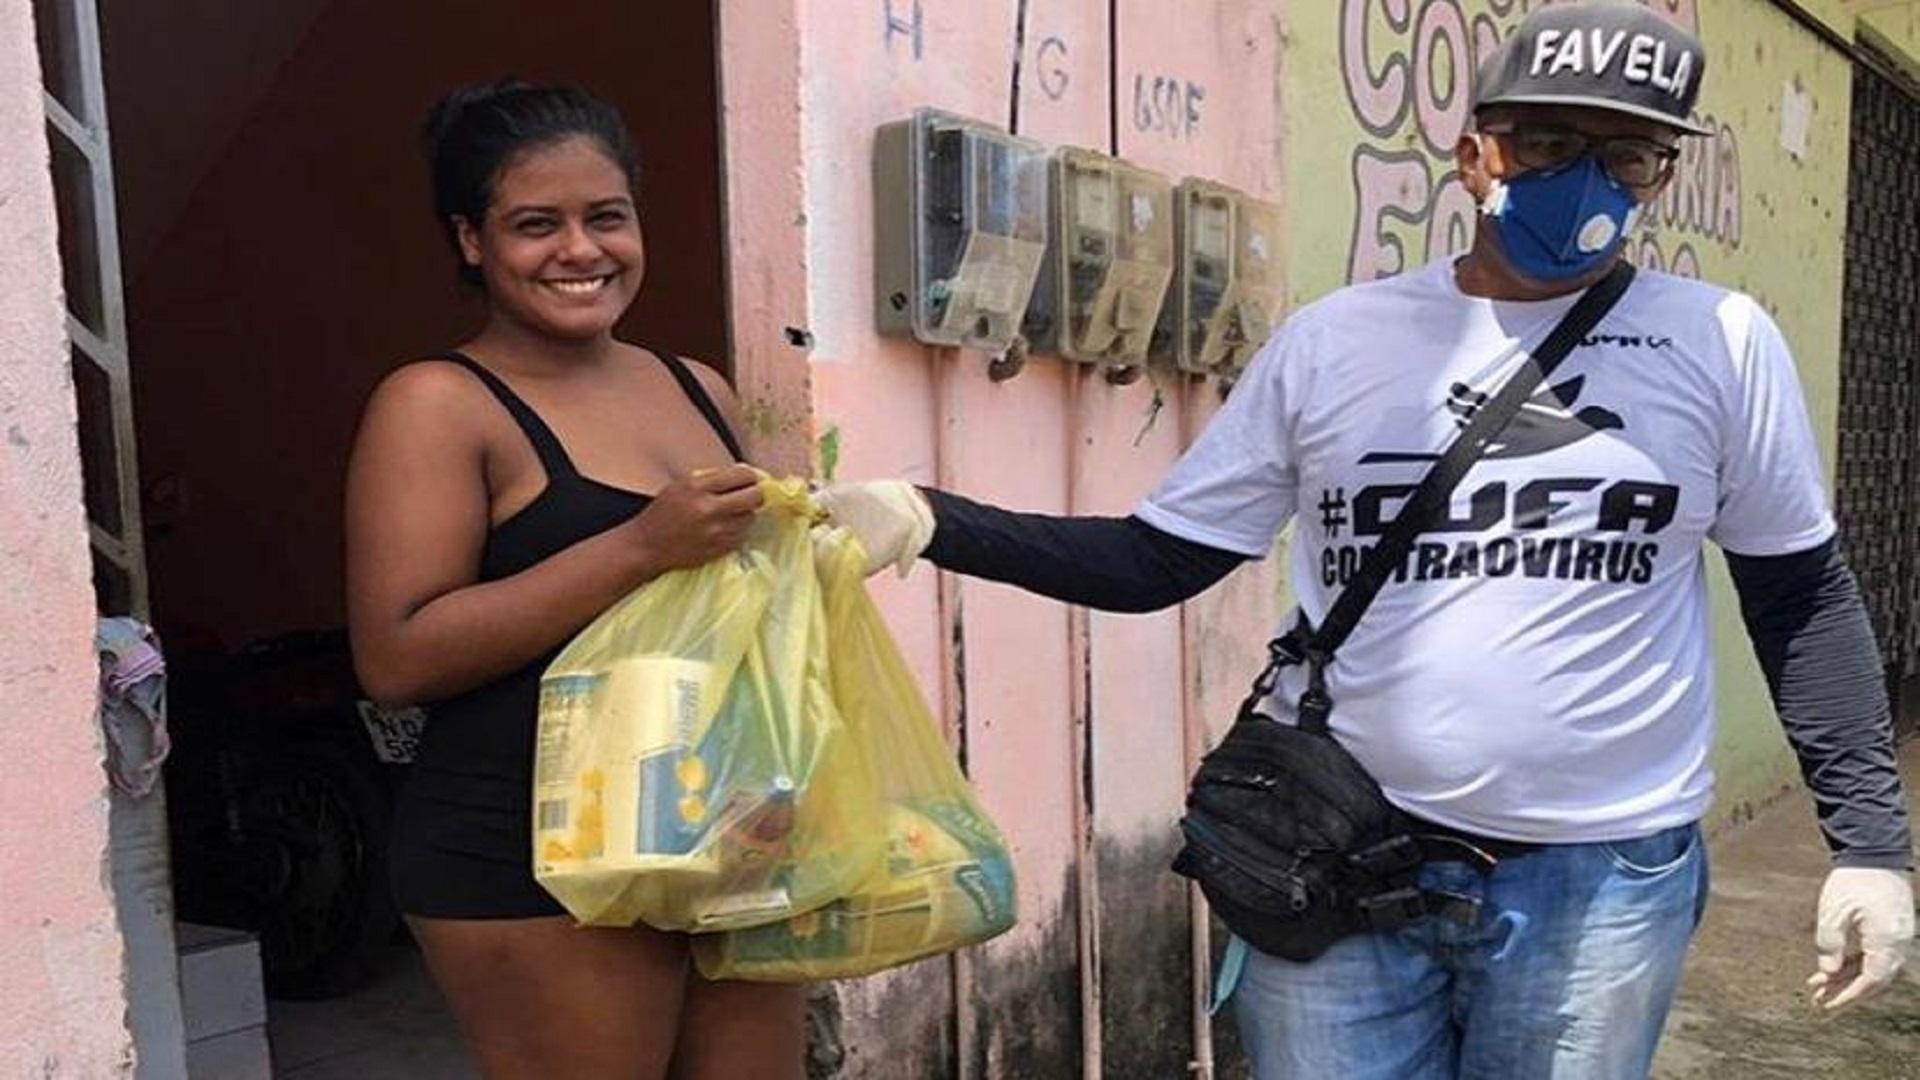 Cufa monta rede de solidariedade e distribui mais de 28 mil cestas básicas